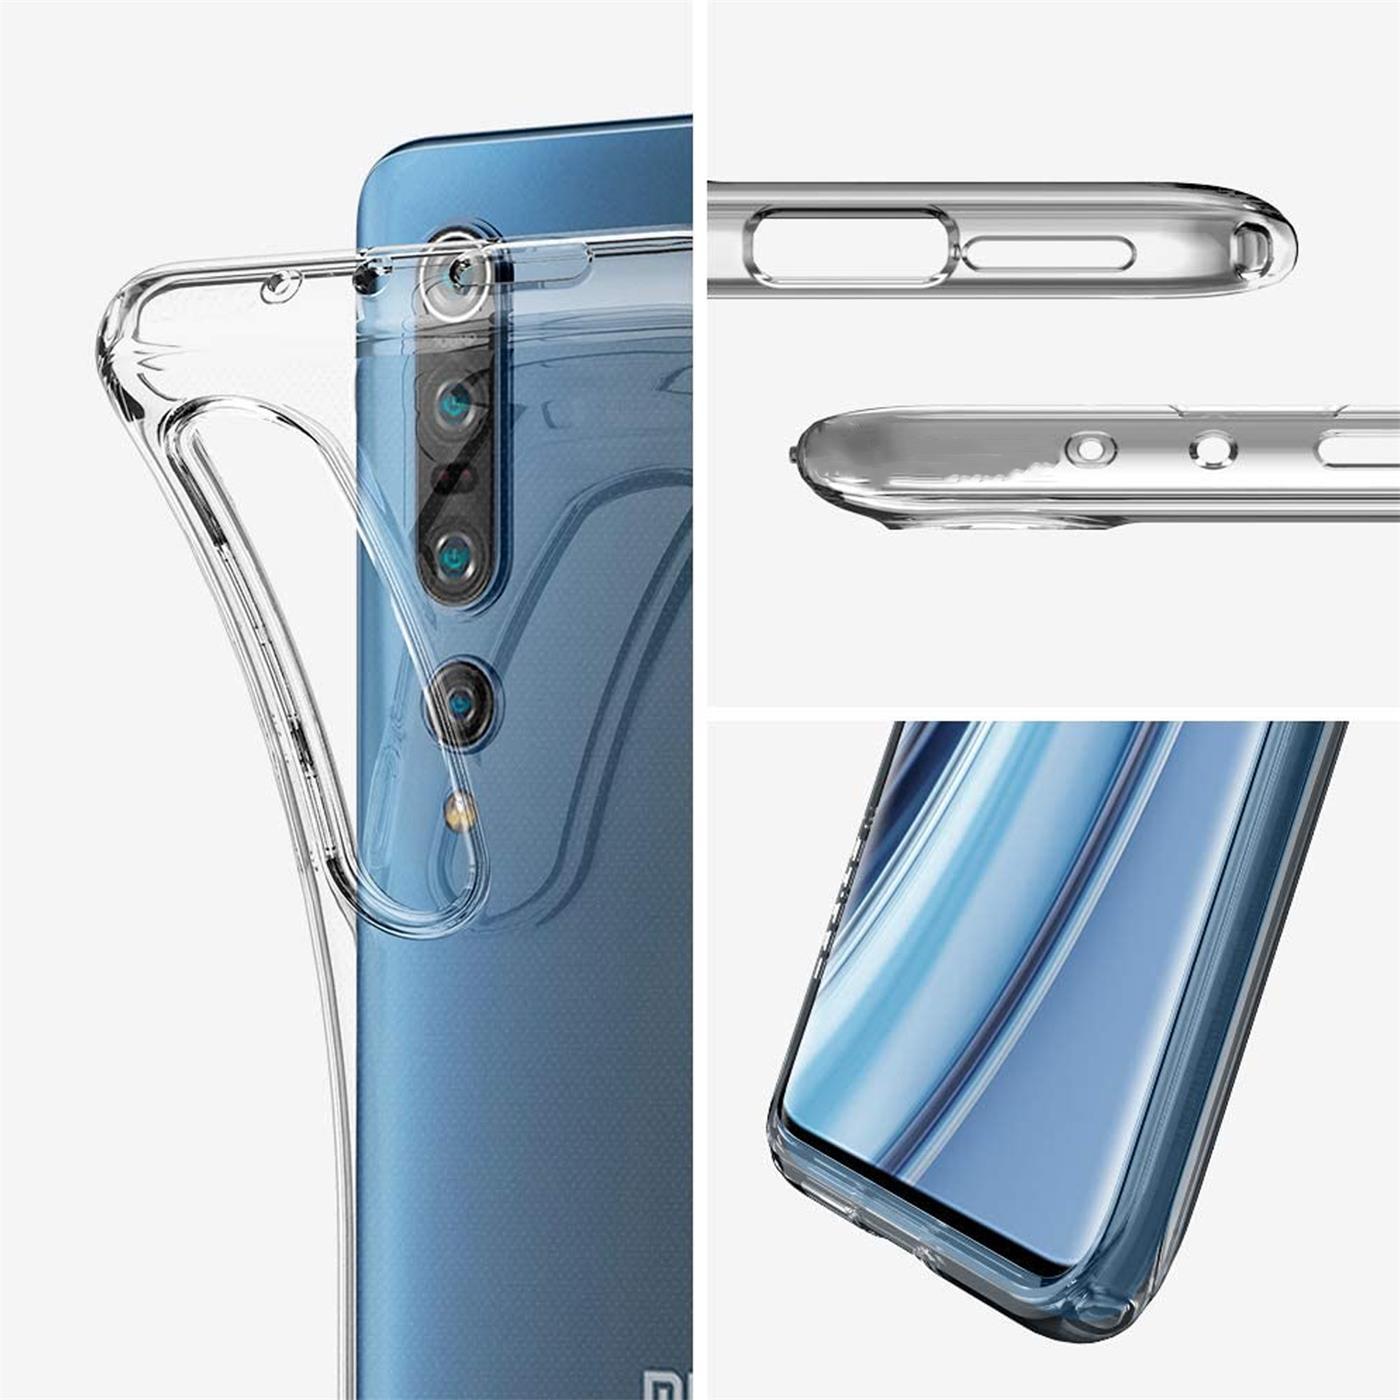 Indexbild 9 - Handy-Case-fuer-Xiaomi-Mi-10-Mi-10-Pro-Huelle-Transparent-Slim-Handyhuelle-Cover